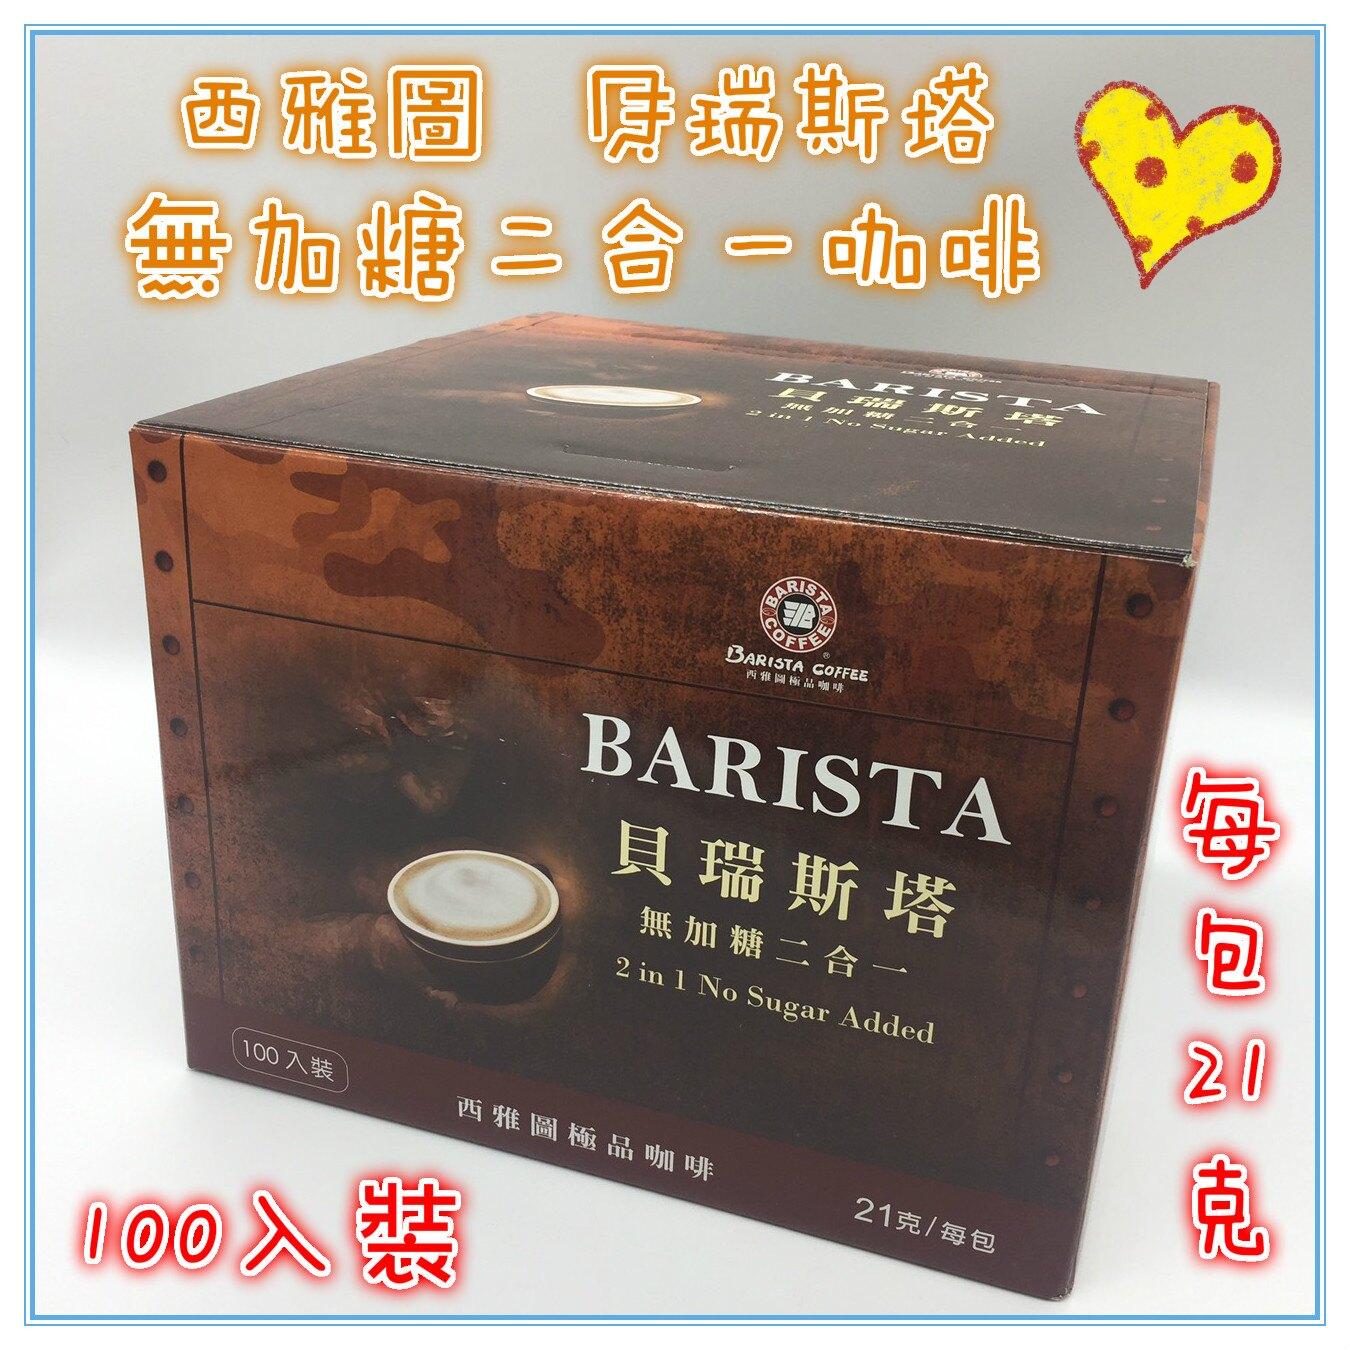 貝瑞斯塔無加糖二合一咖啡 每盒100包 每包21克 西雅圖極品咖啡 下午茶 沖泡飲品  提神 熱飲 隨身包